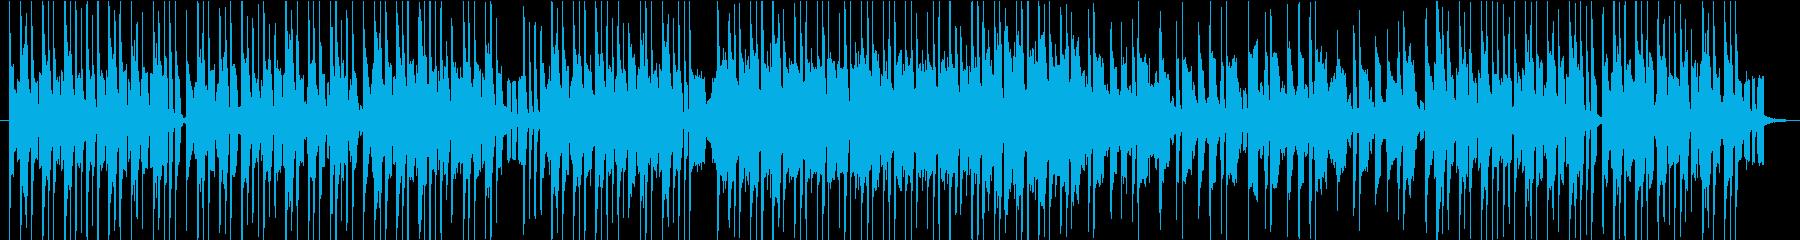 耳に残るオルガン&シンセのコミカルBGMの再生済みの波形